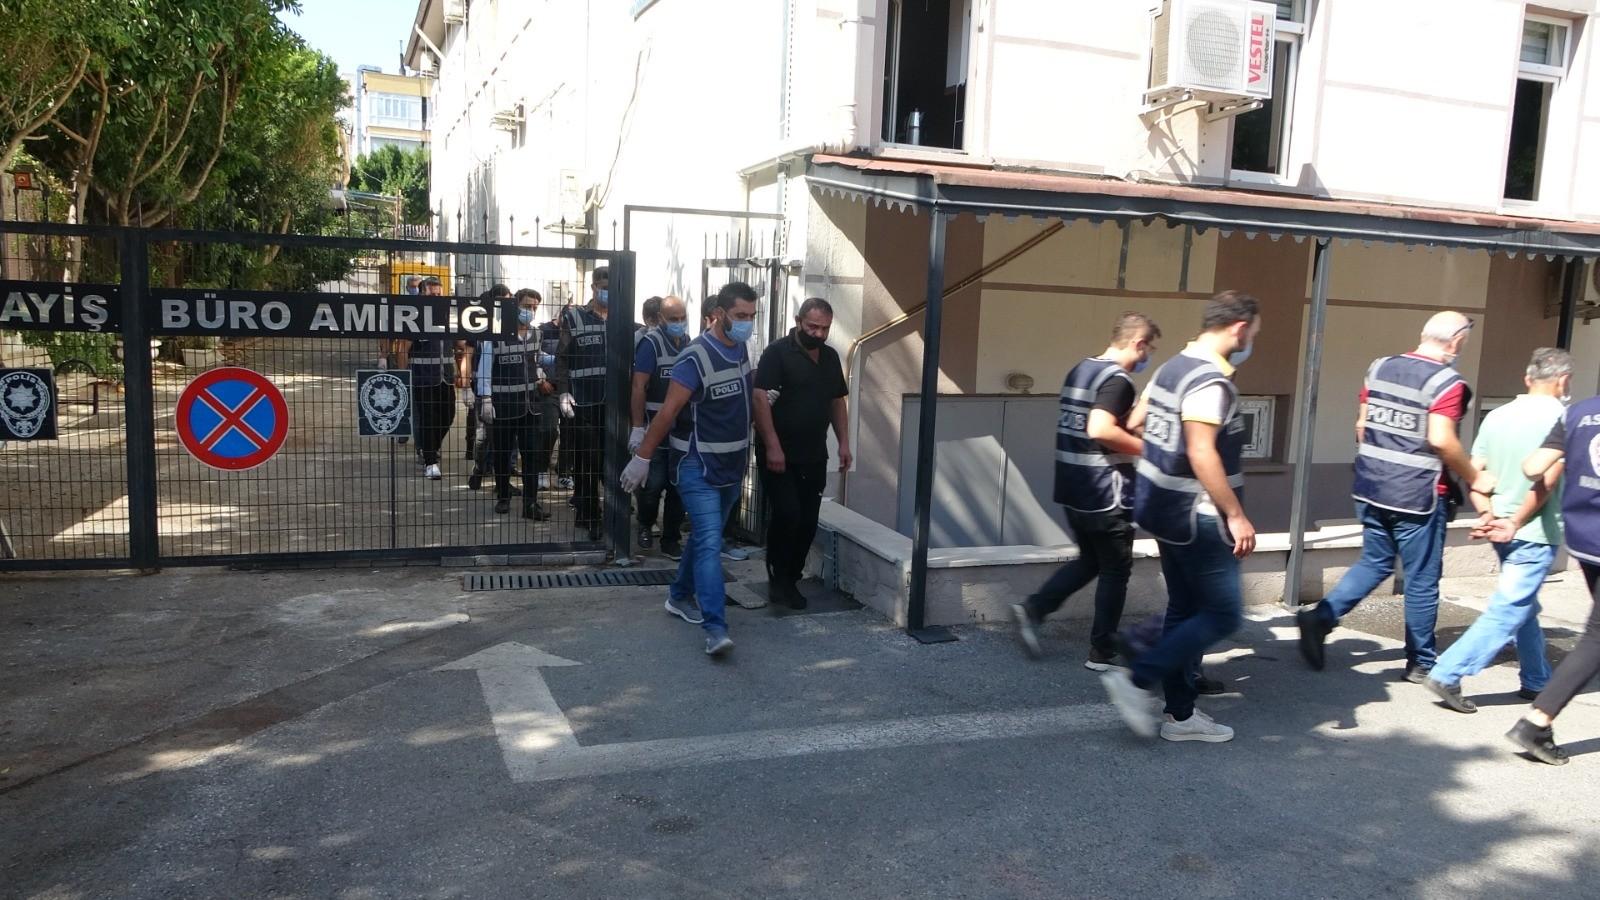 Çeşitli suçlardan aranan 18 kişi Manavgat'ta yakalandı